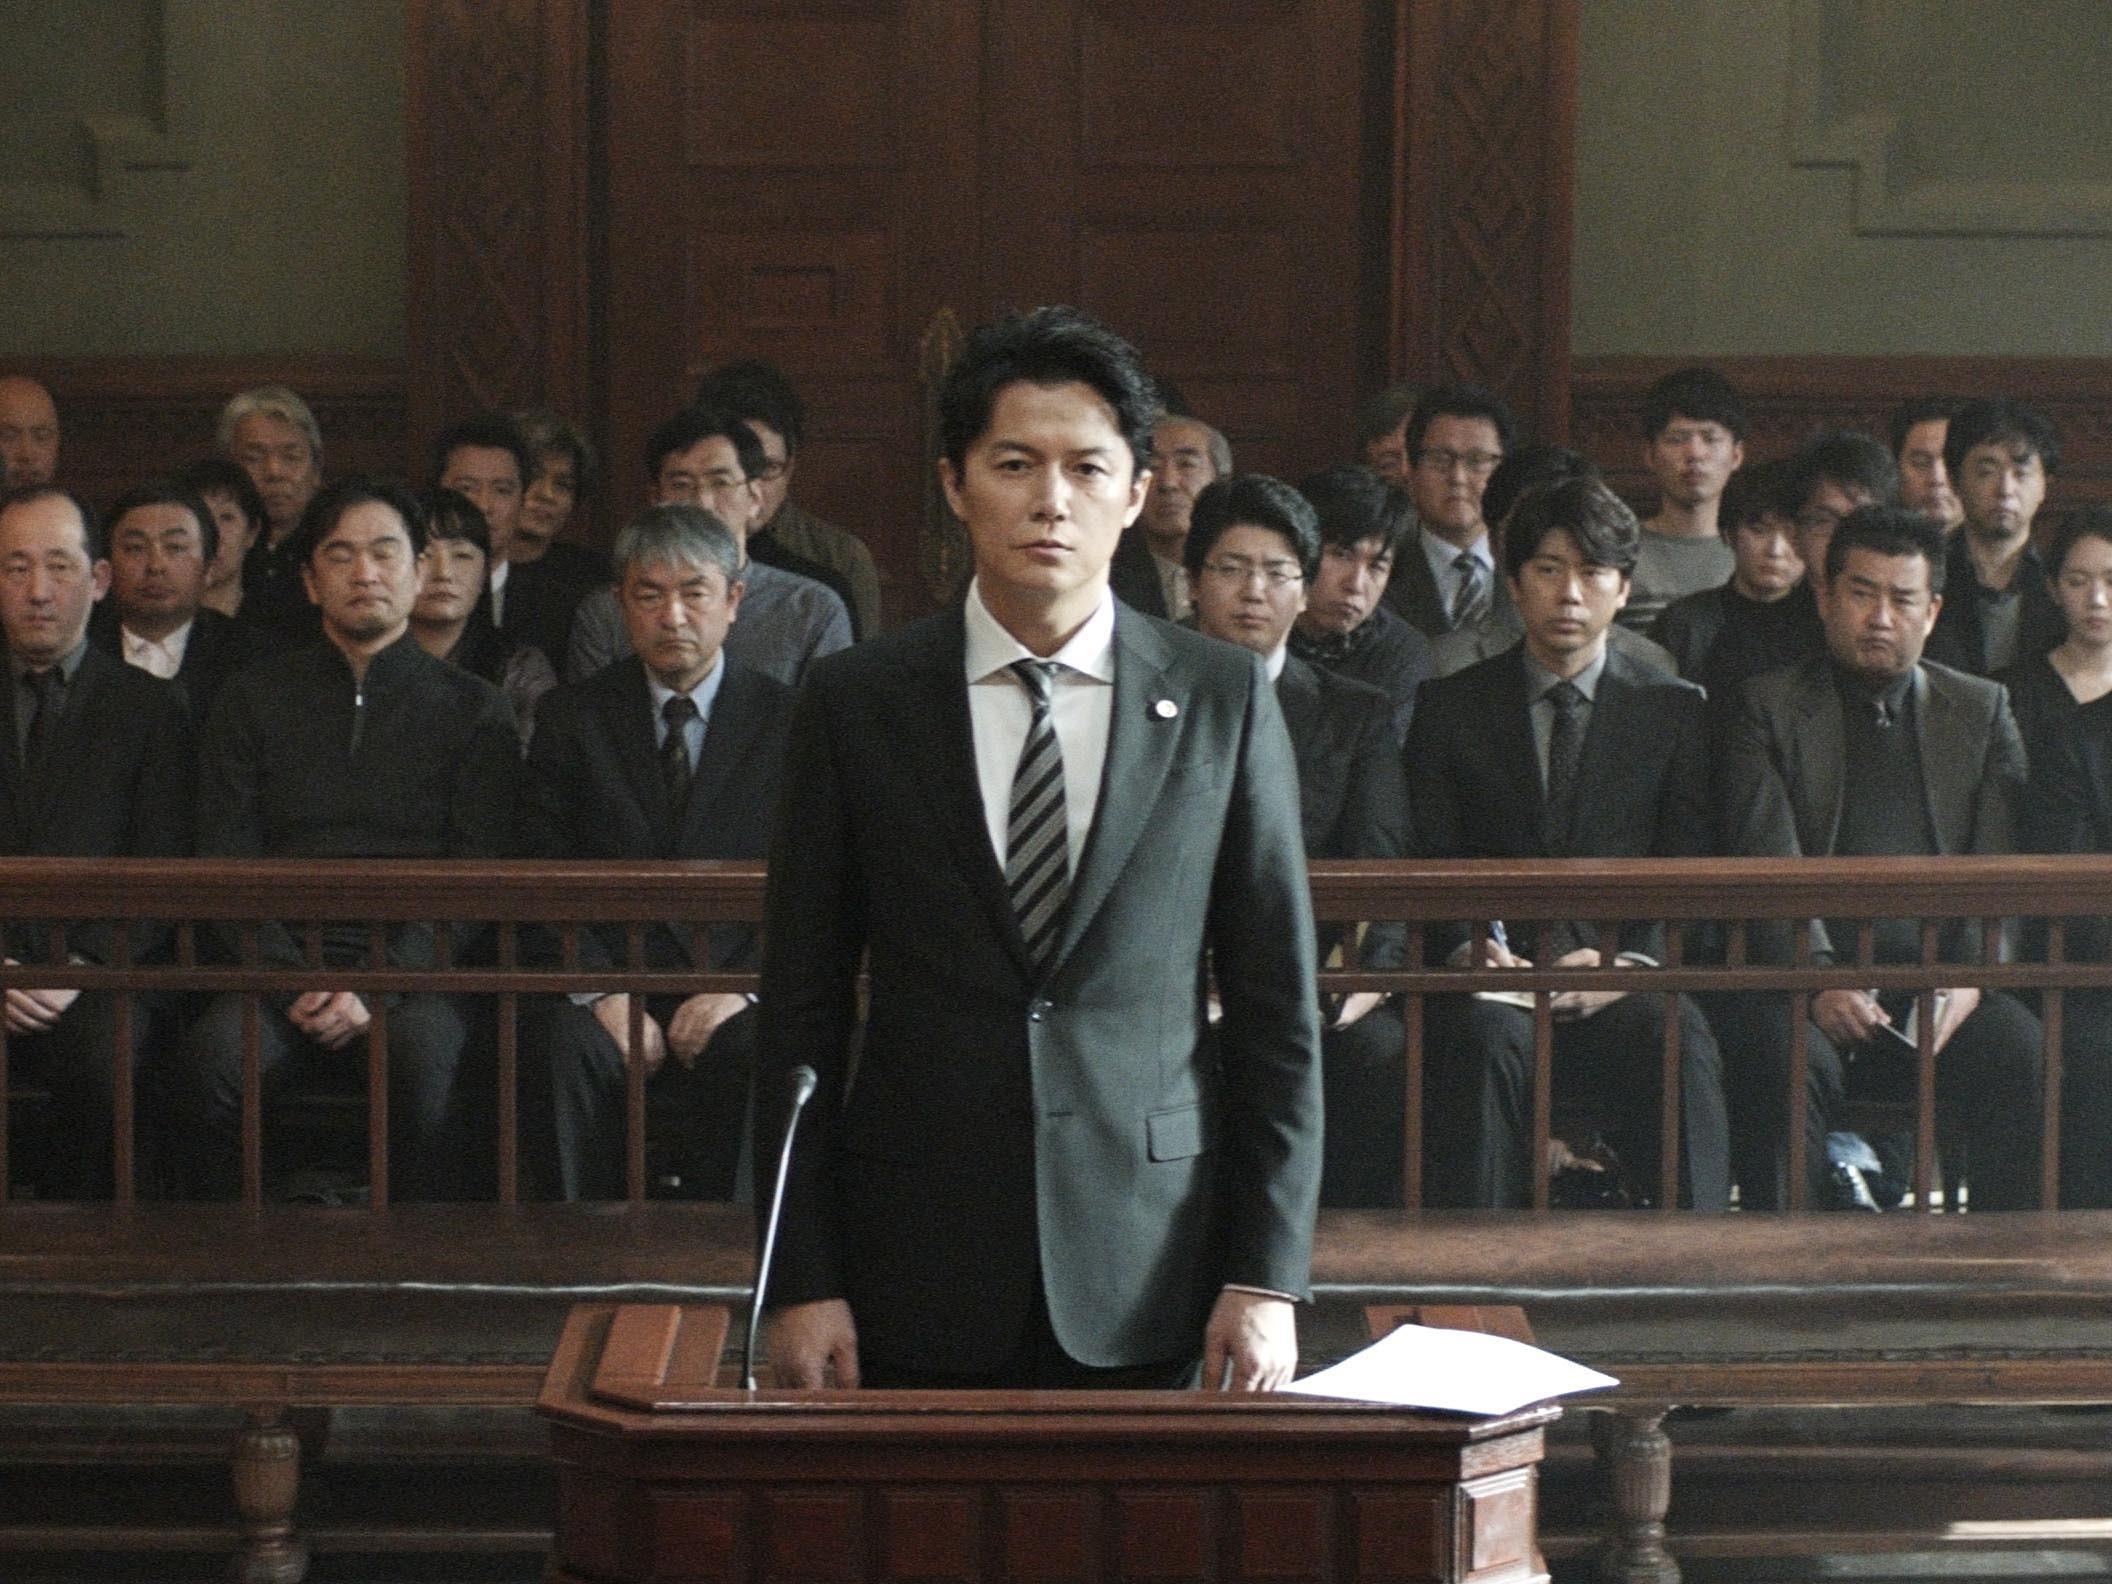 日本悬疑电影《第三度嫌疑人》用自己的死保护了那仅有的一丝人性 (5)